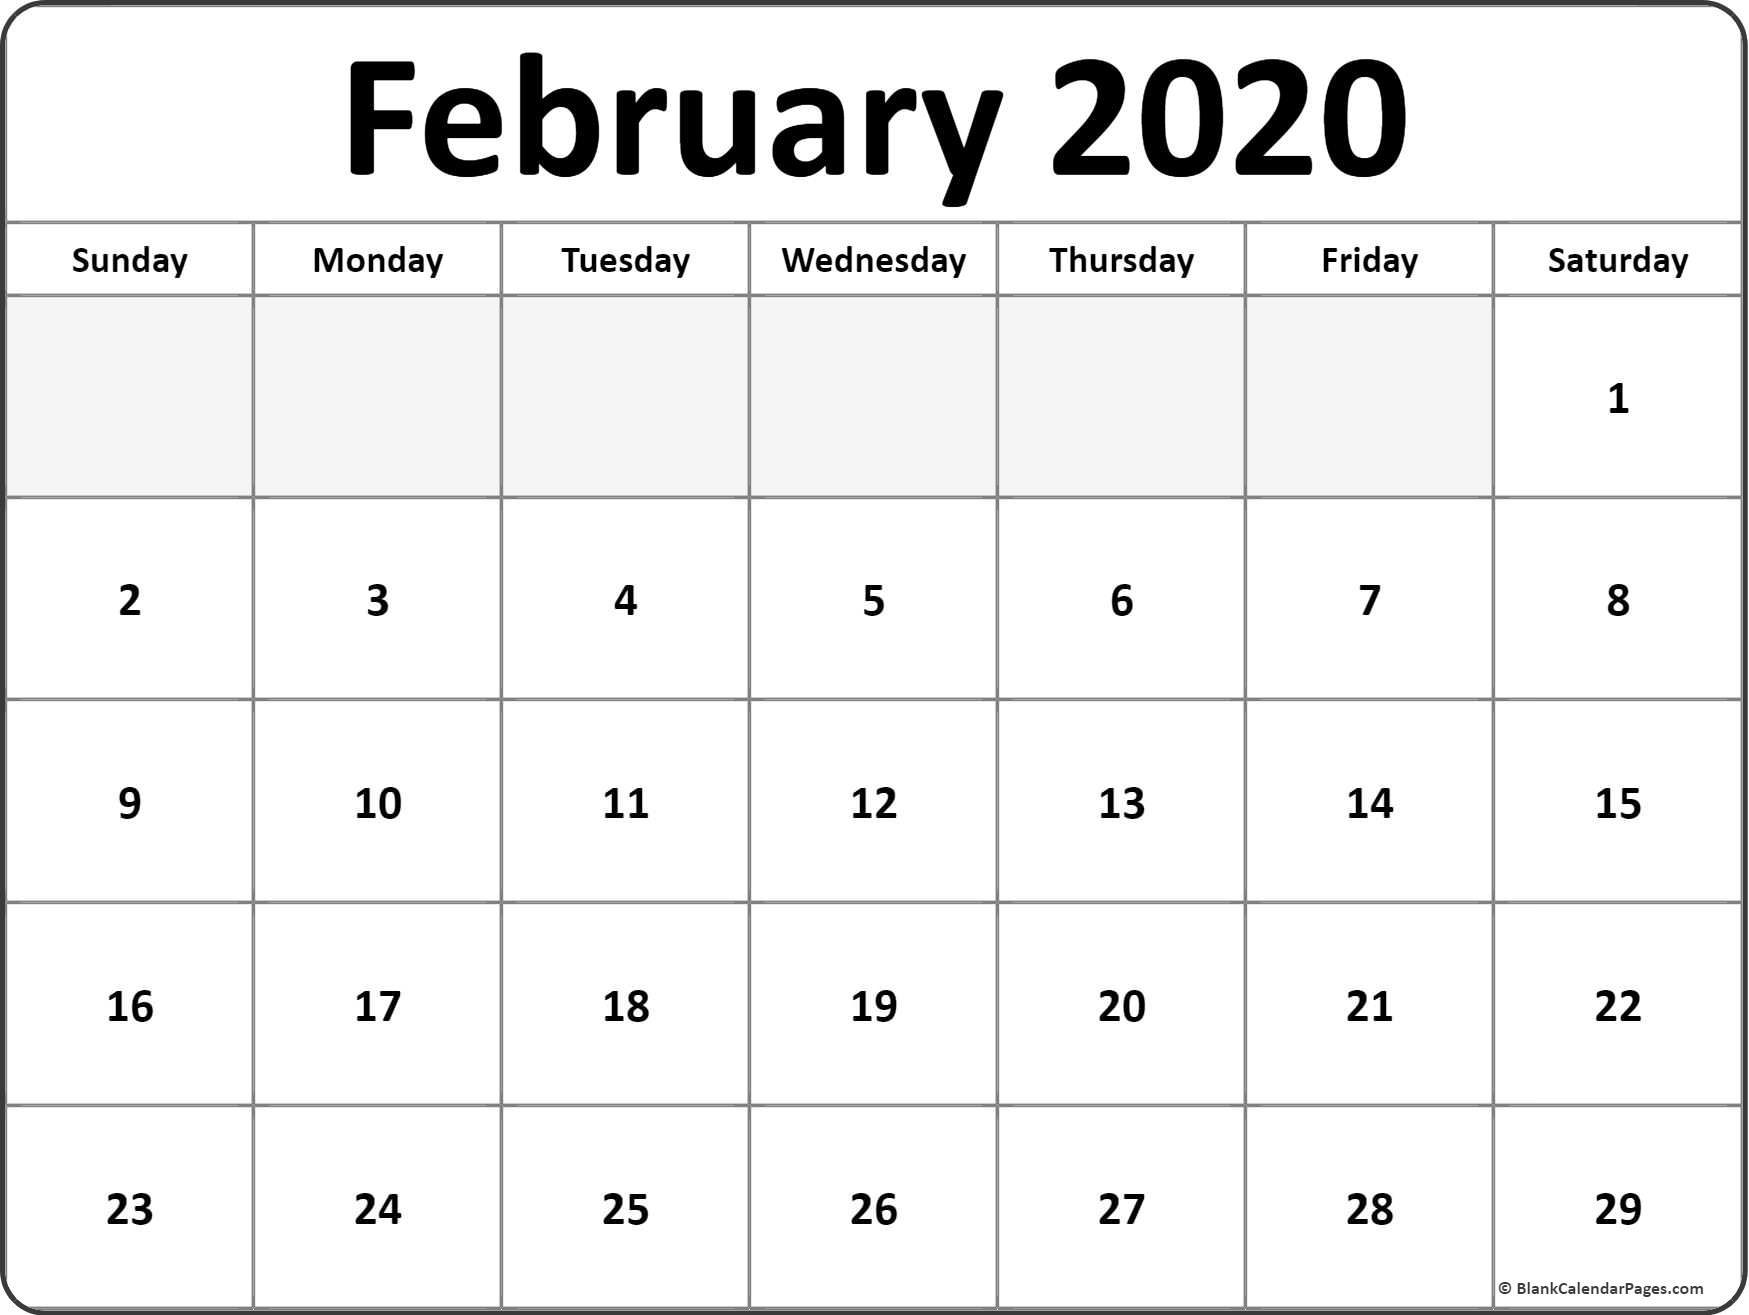 February 2020 Calendar Printable February 2020 Blank Calendar Templates